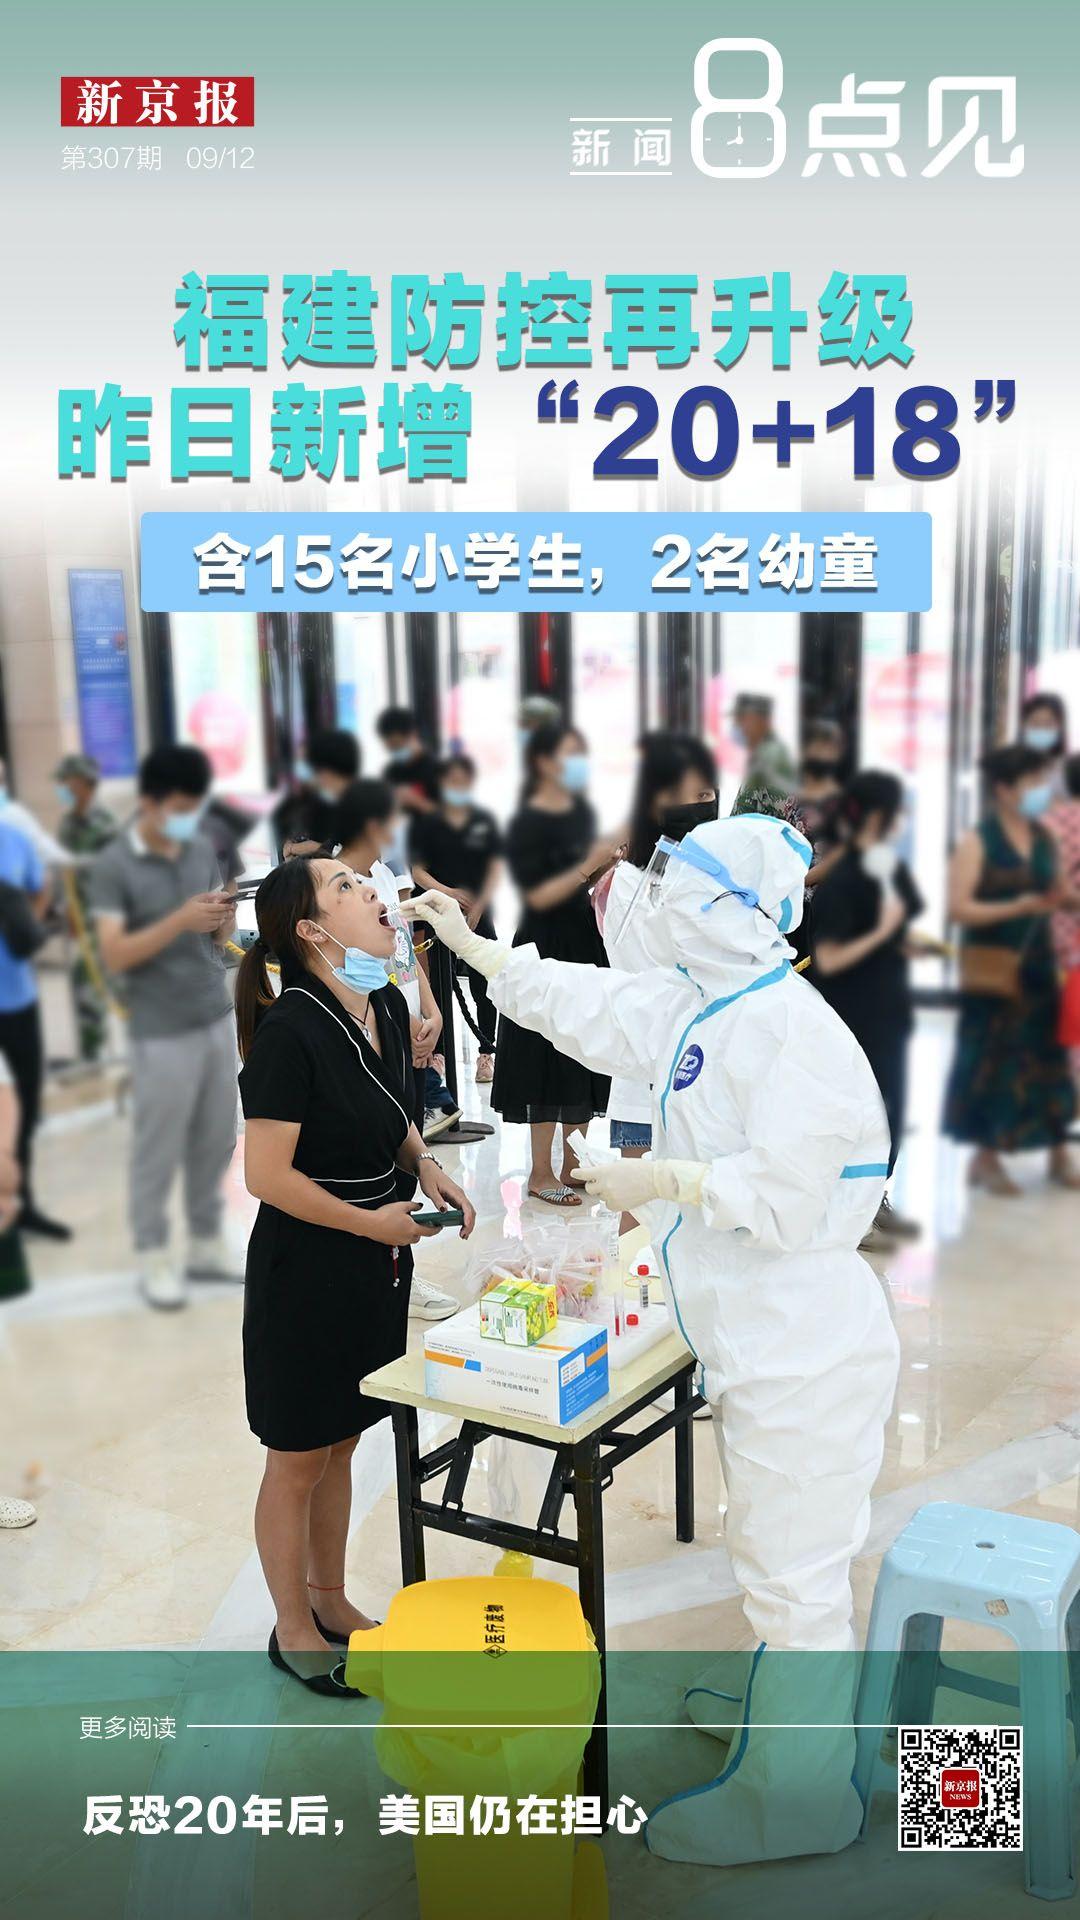 """新闻8点见丨福建防控再升级 11日新增""""20+18"""""""